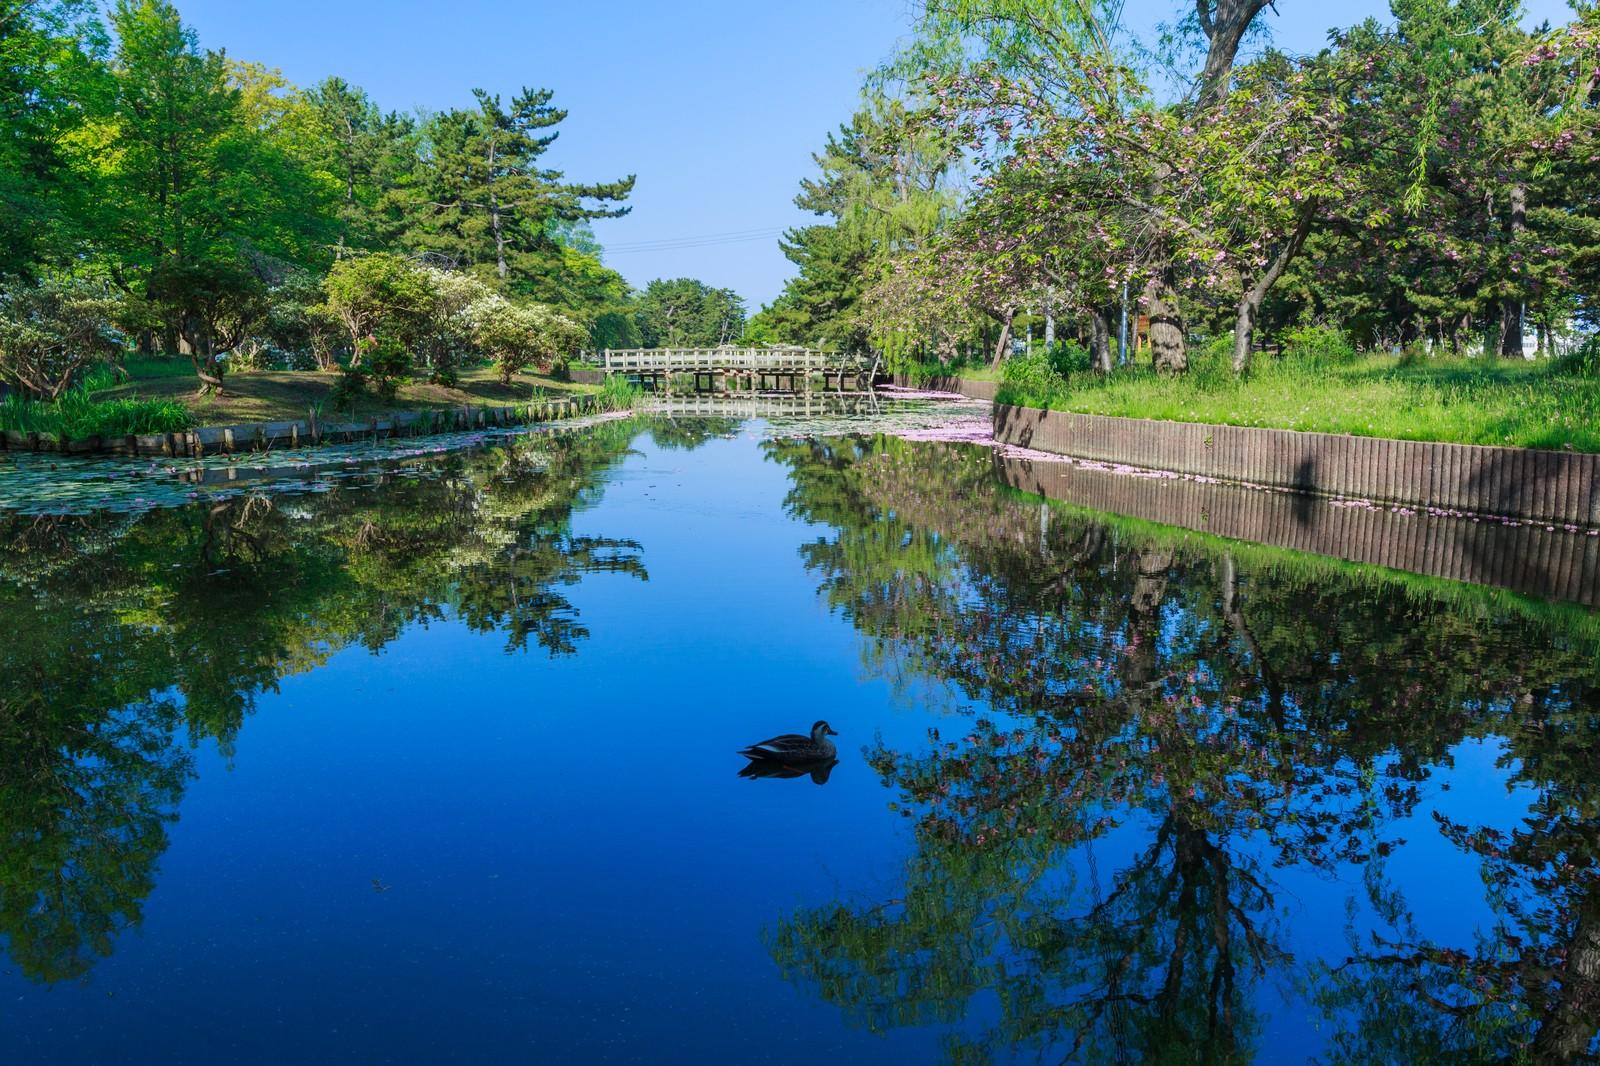 雲形池(日比谷公園)の場所・読み方は?きれいな水の紅葉が楽しみ